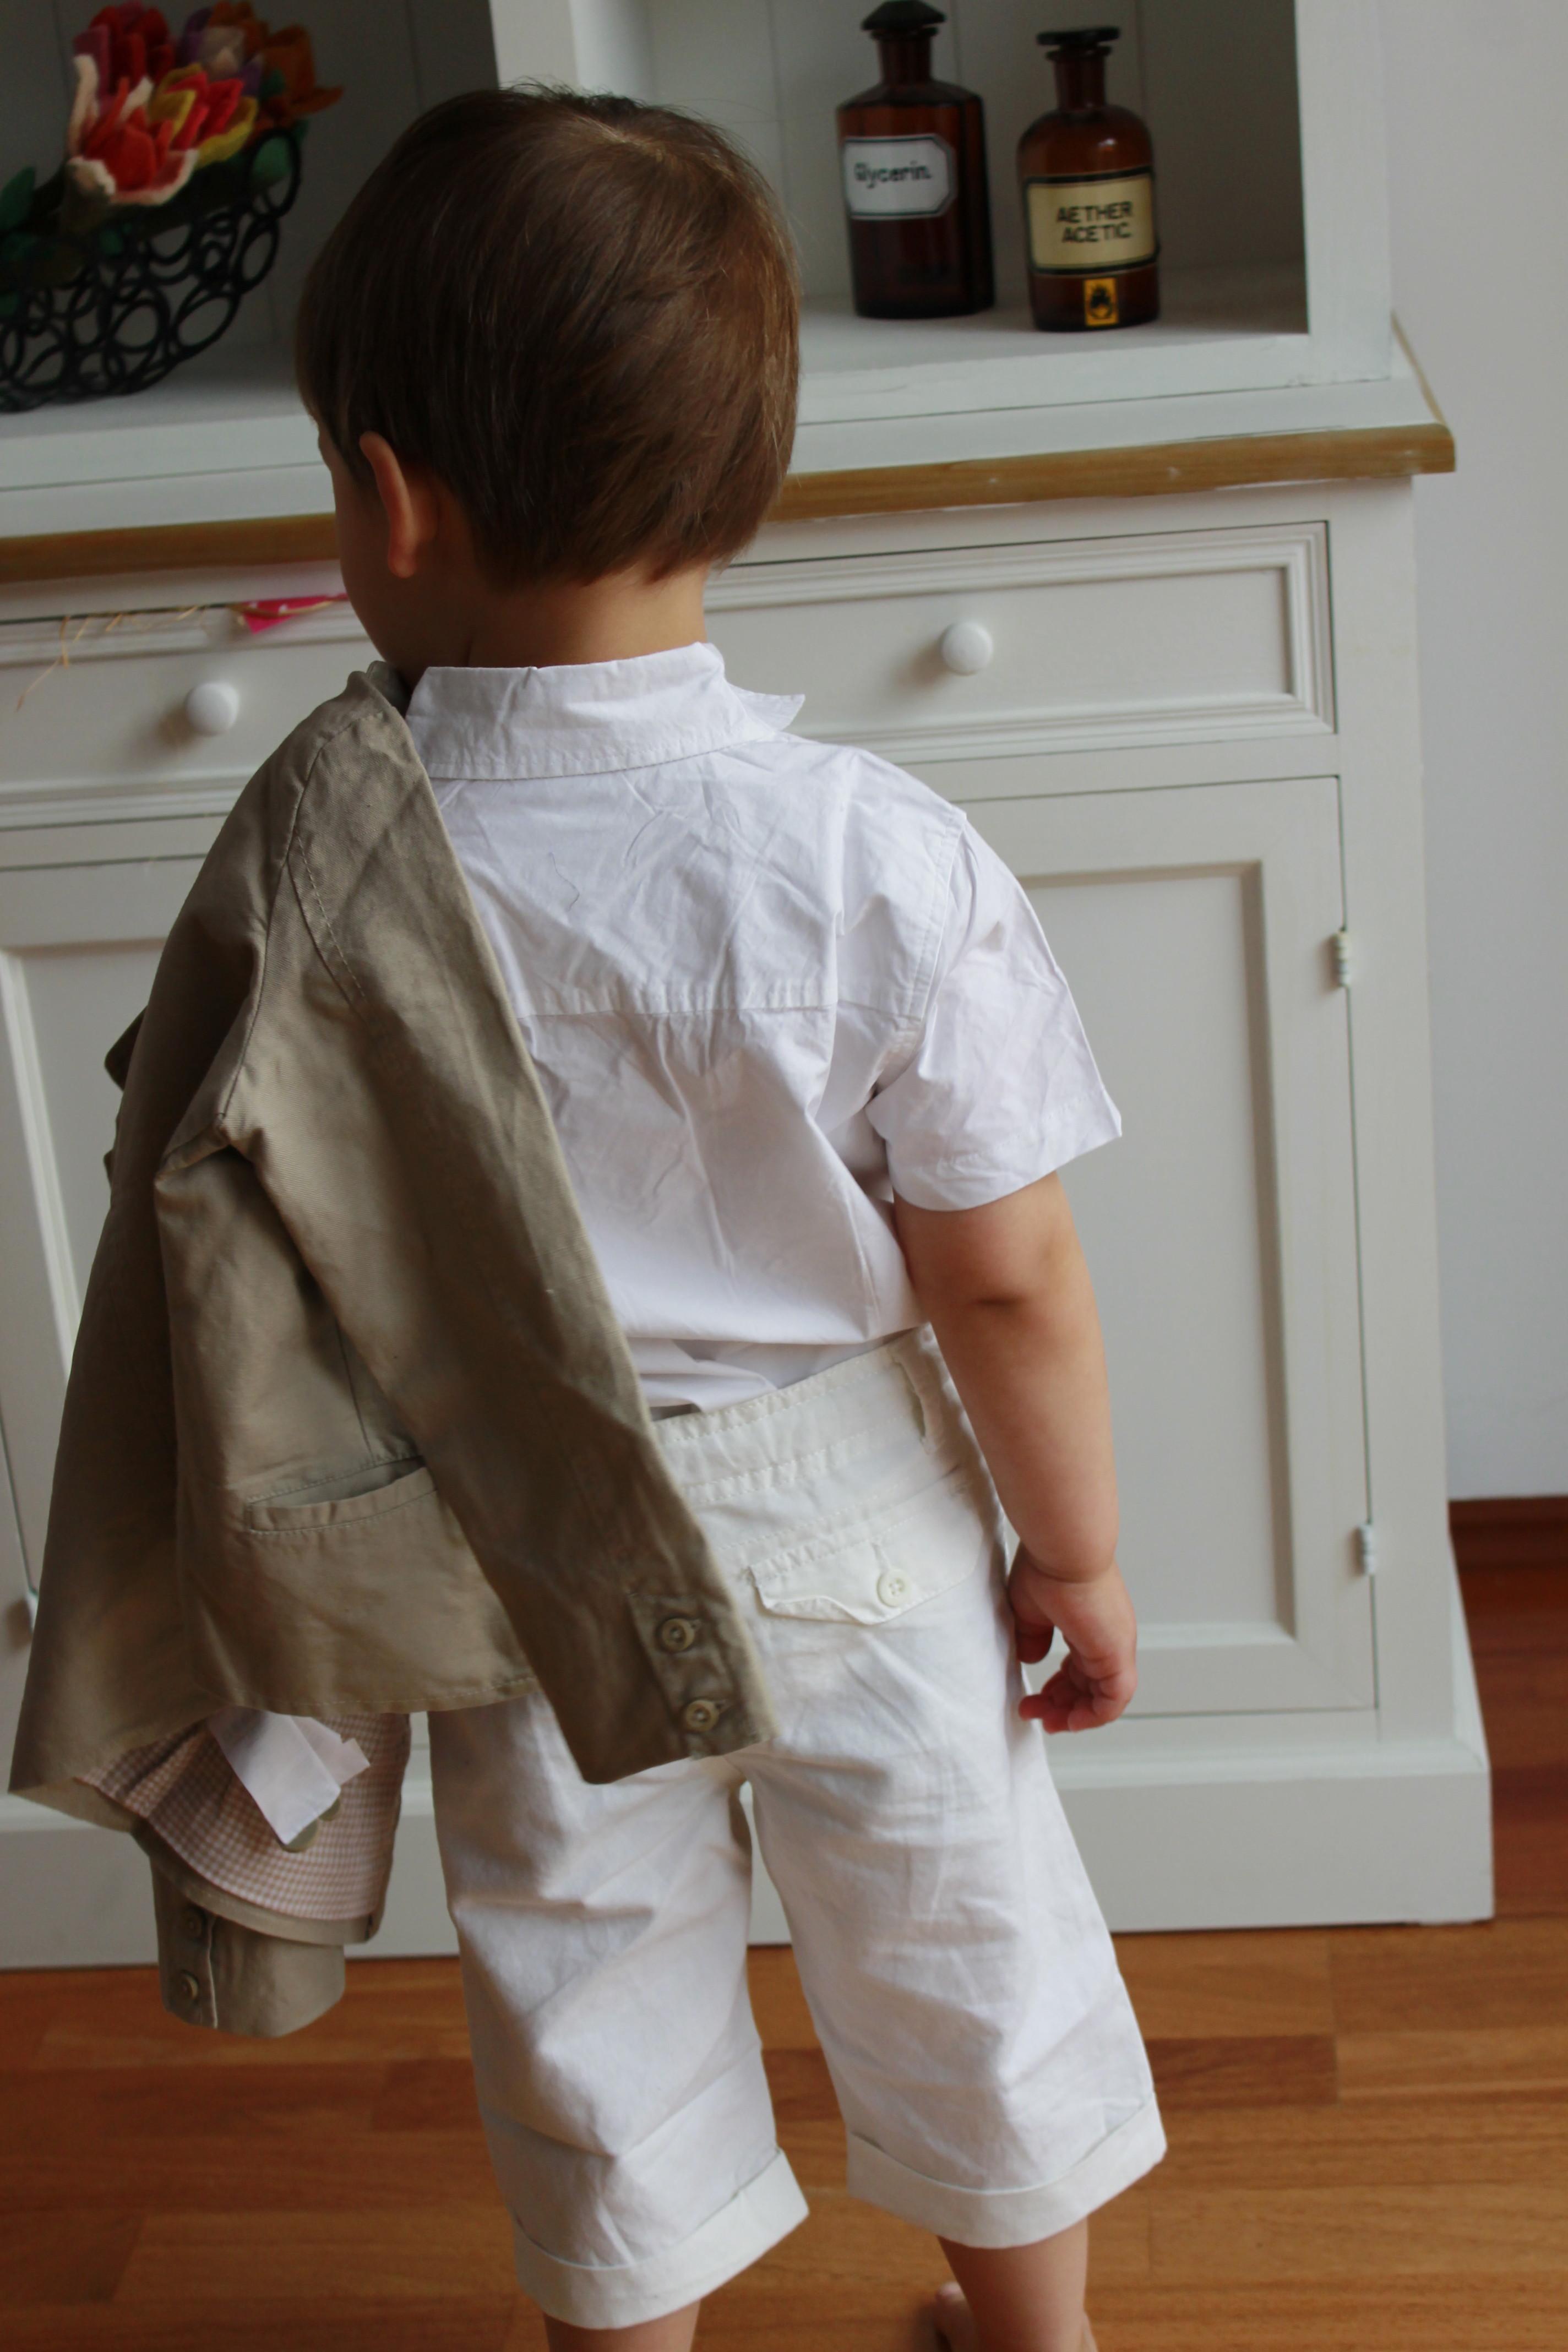 Festliche kindermode fr hochzeit awesome genial - Festliche kindermode zur hochzeit ...